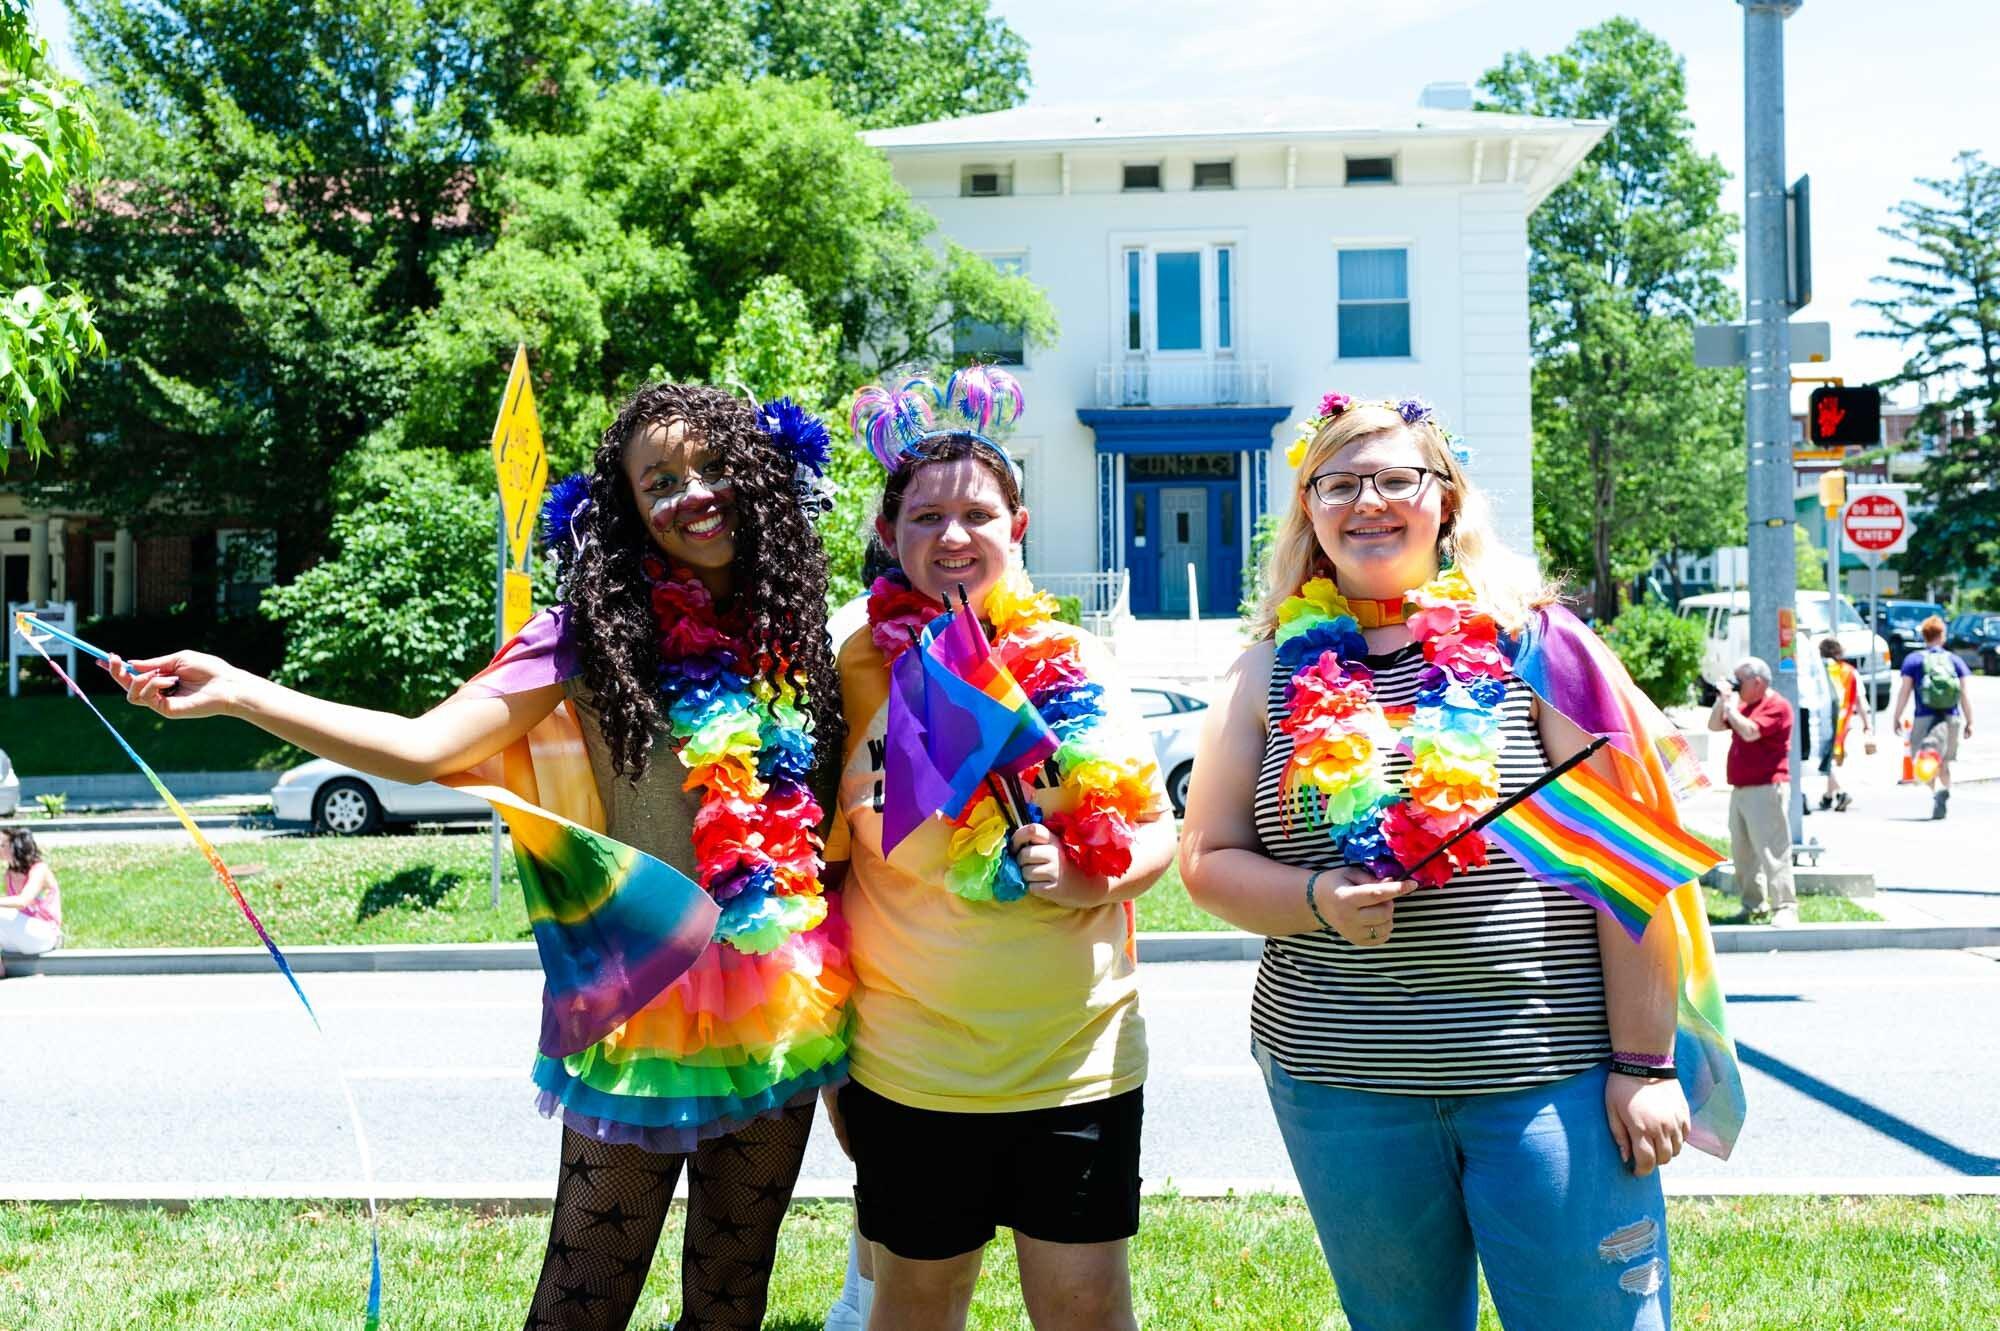 Emily Lewis Creative_Baltimore Pride Parade_2019-06-15-1.jpg